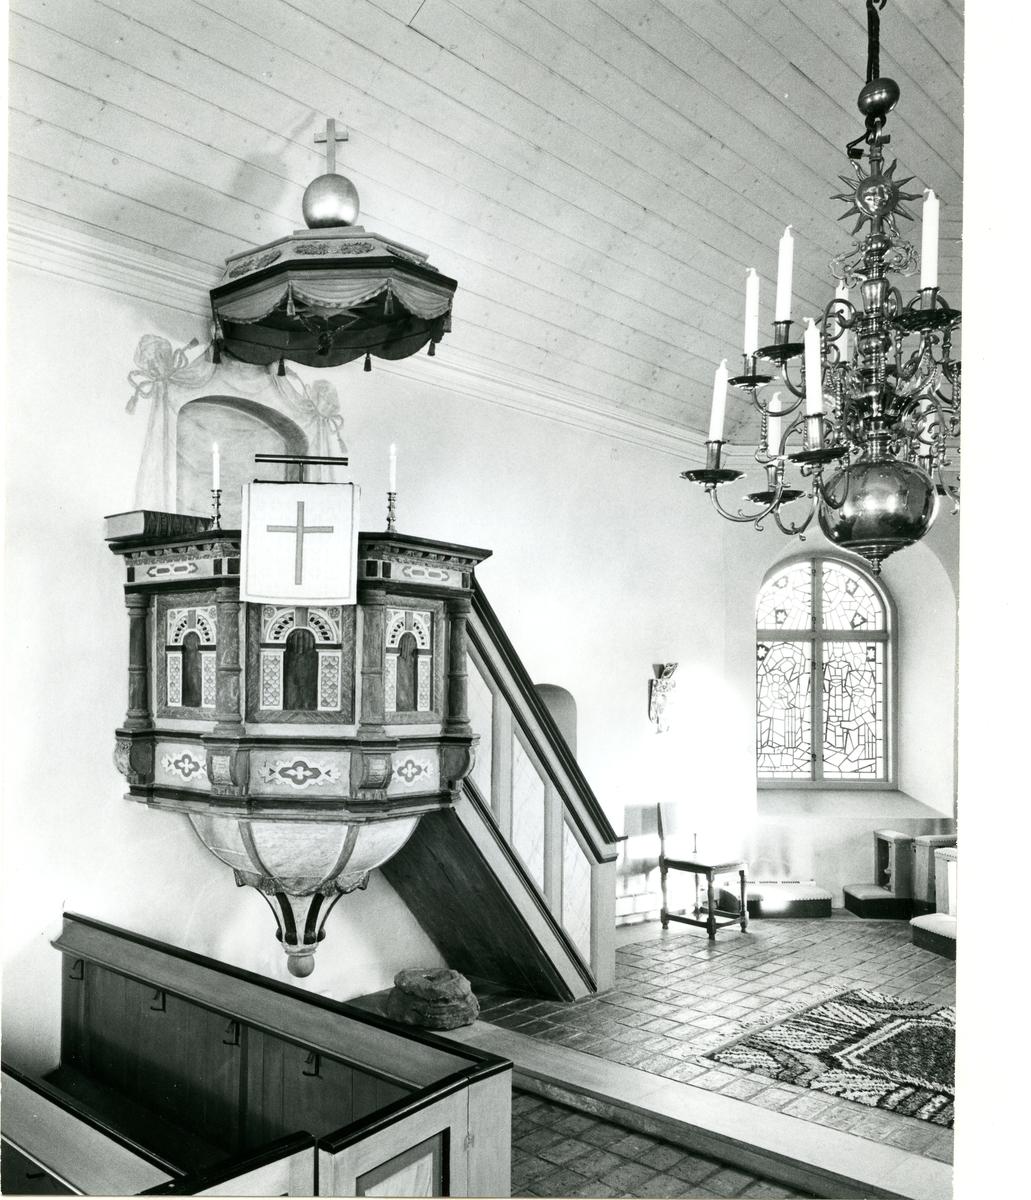 Lillhärad sn, Västerås. Predikstolen i kyrkan.